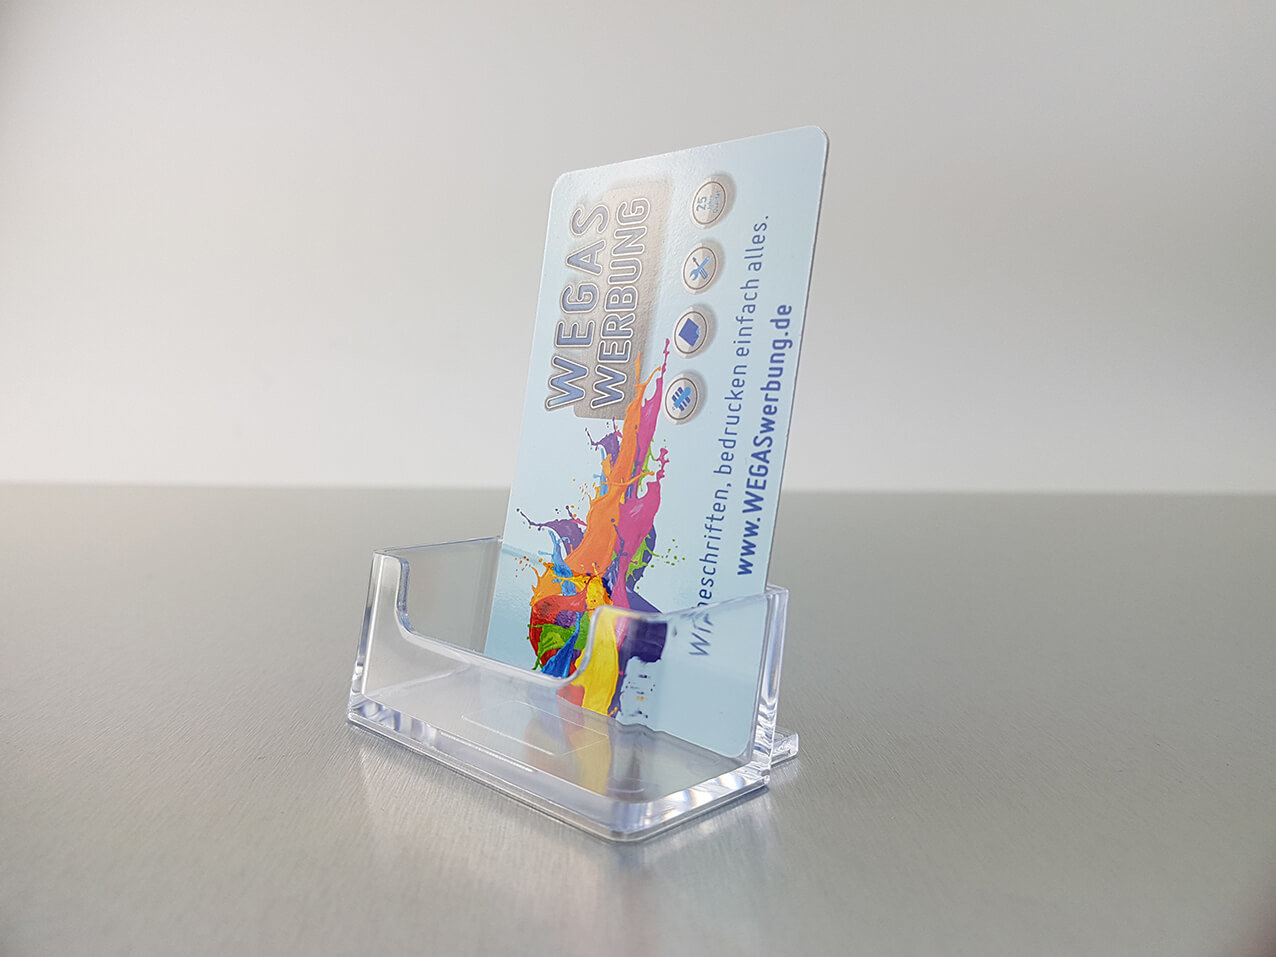 520-Visitenkartenbox-Acryl-1211